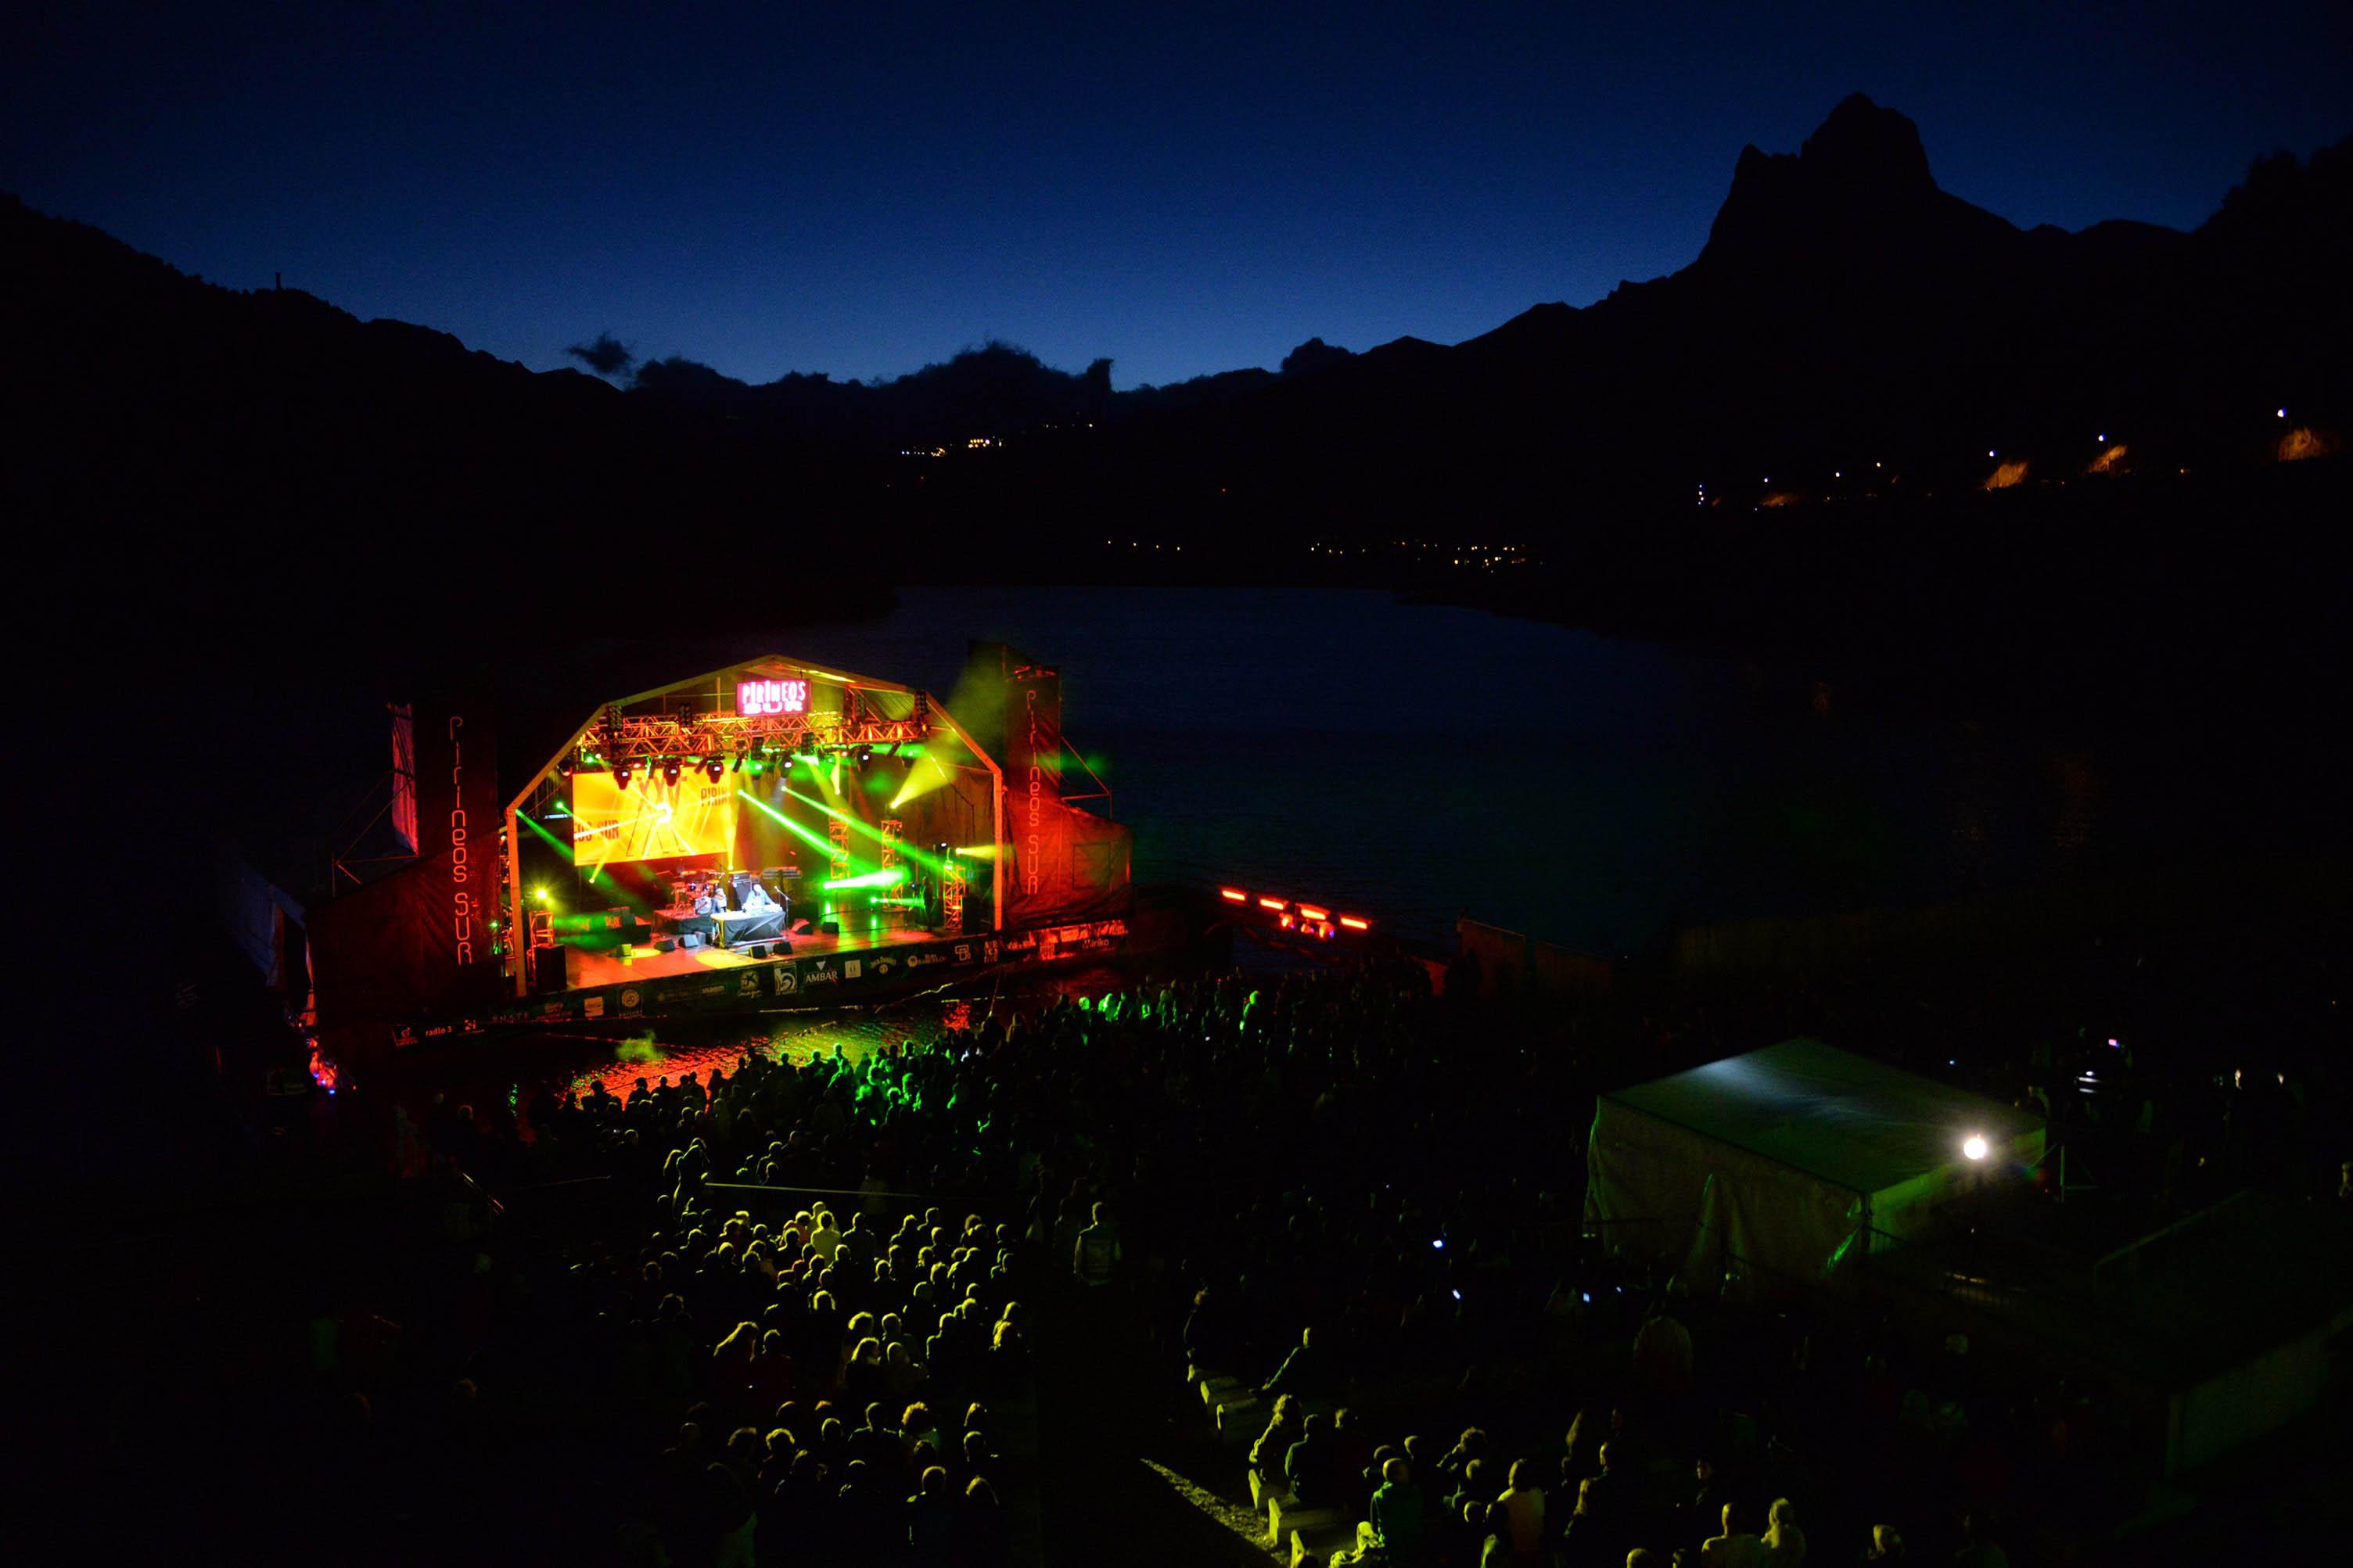 Este festival se celebra anualmente desde 1992